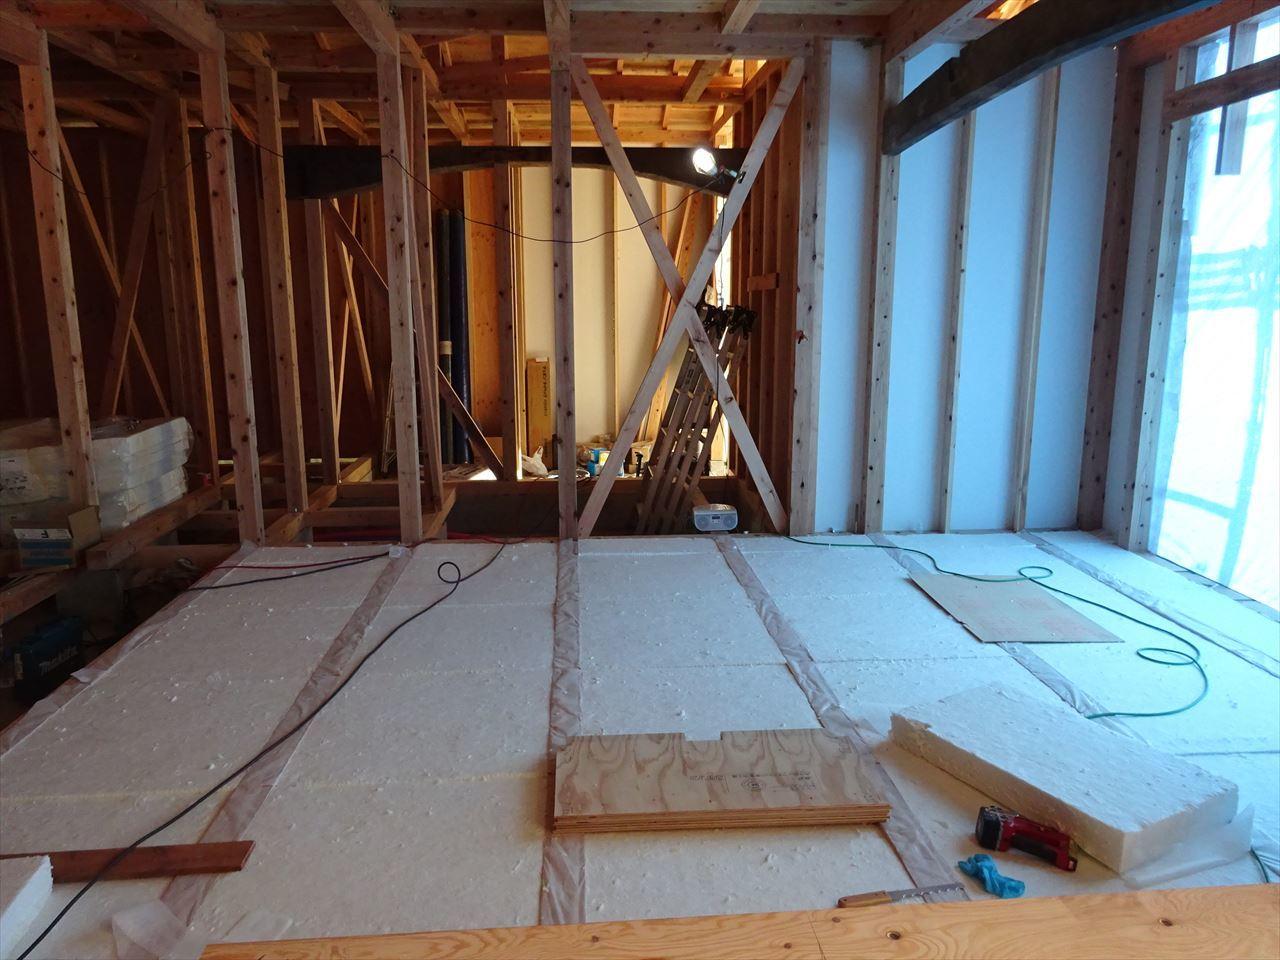 下太田 古材新築の家 建て方作業進行中です。_f0105112_04150605.jpg